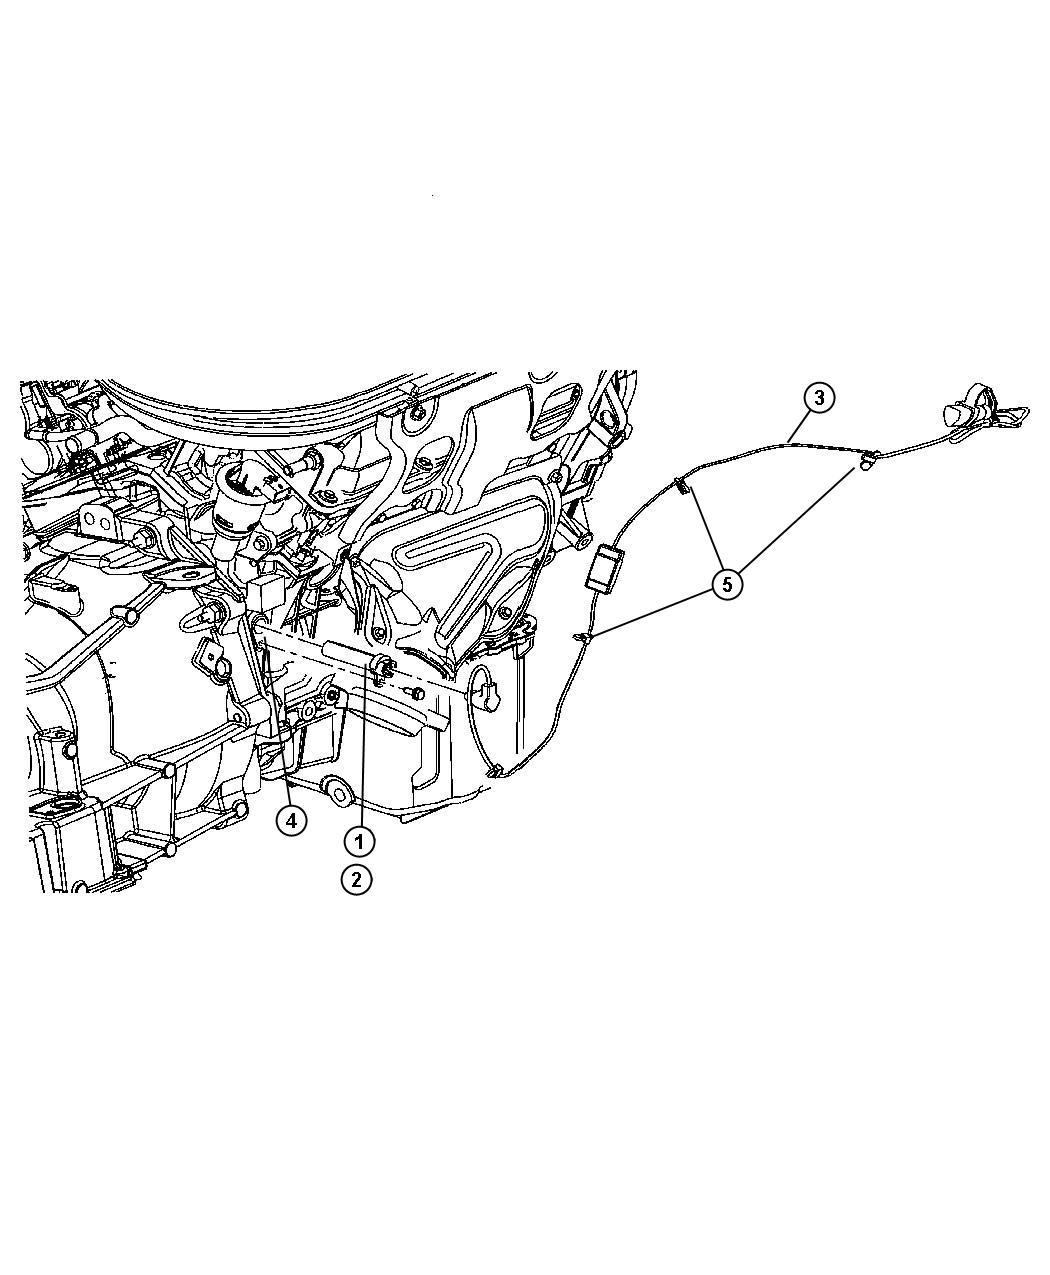 Dodge Grand Caravan Heater. Engine block. Egv, engnie, egl